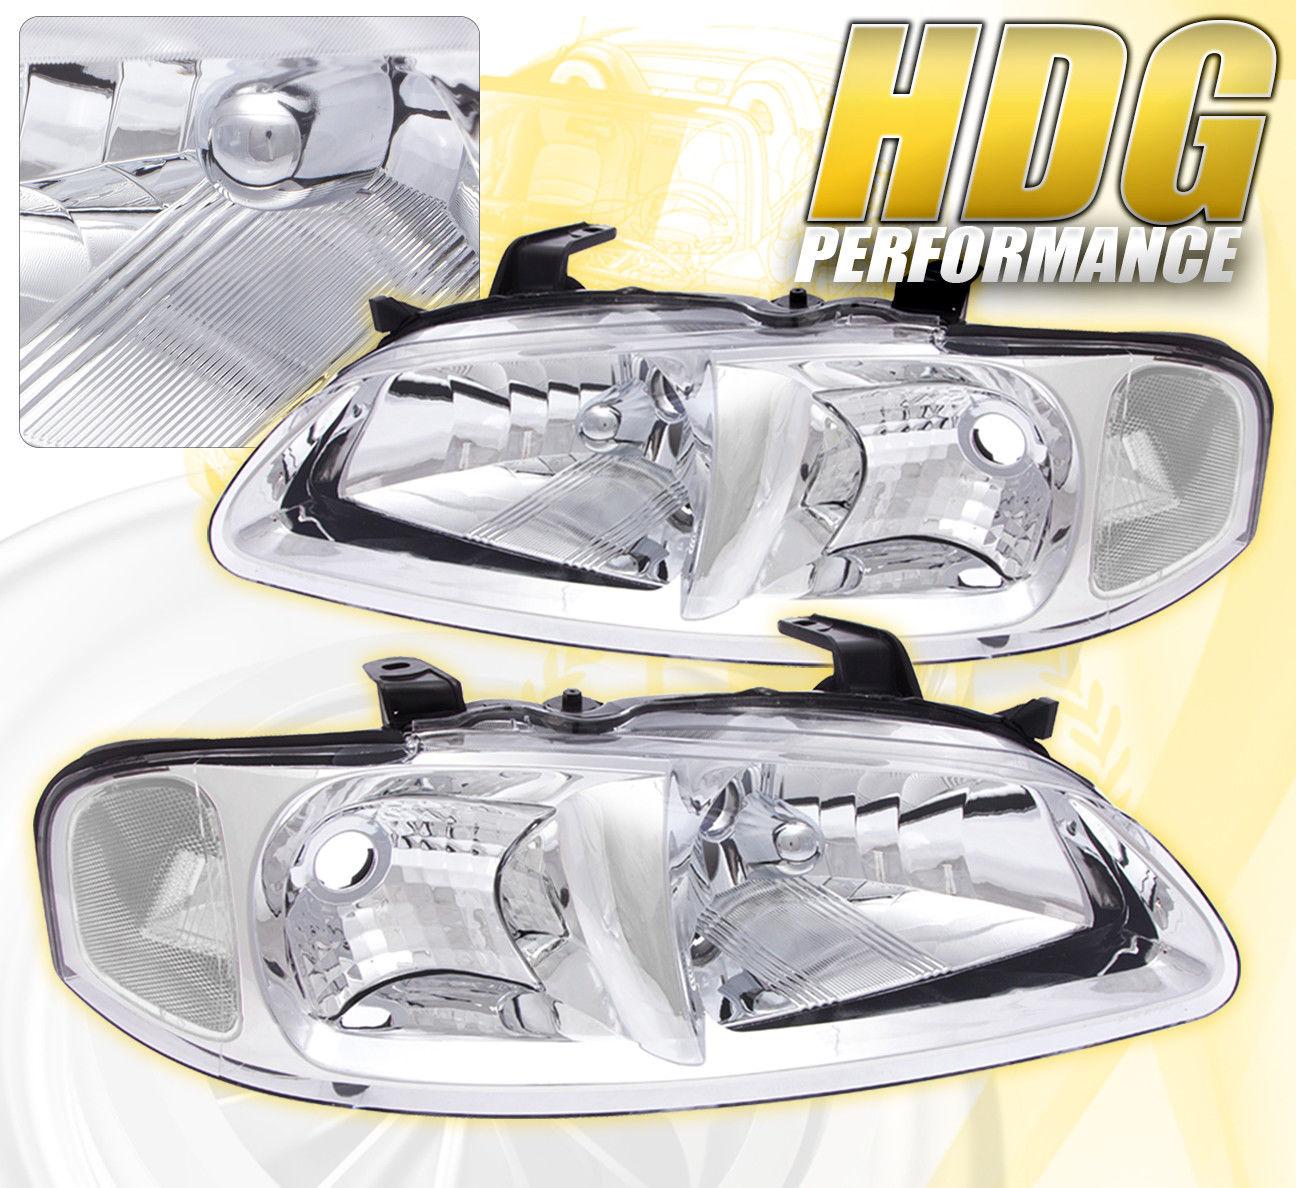 コーナーライト FOR 00-03 SENTRA REPLACEMENT DRIVING HEAD LIGHTS LAMPS PAIR ASSEMBLY UNIT CHROME 00?03センタの交換用ヘッドライトランプペア組立ユニットクローム用